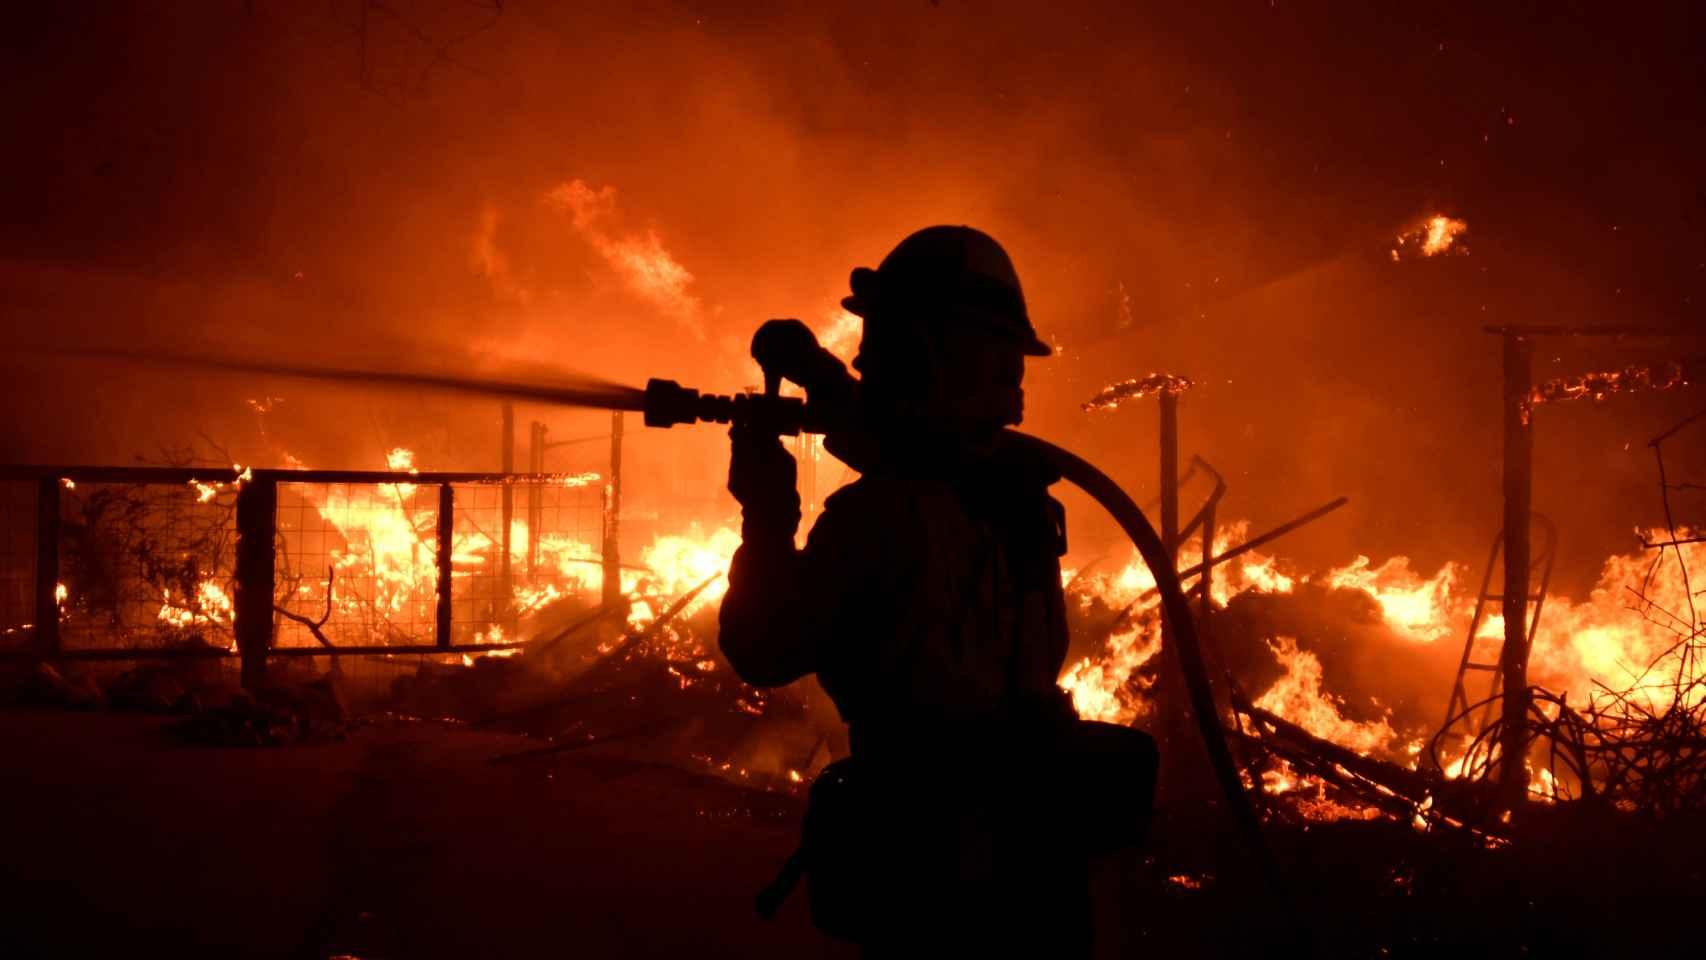 31 muertos y más de 100 desaparecidos en incendios de California